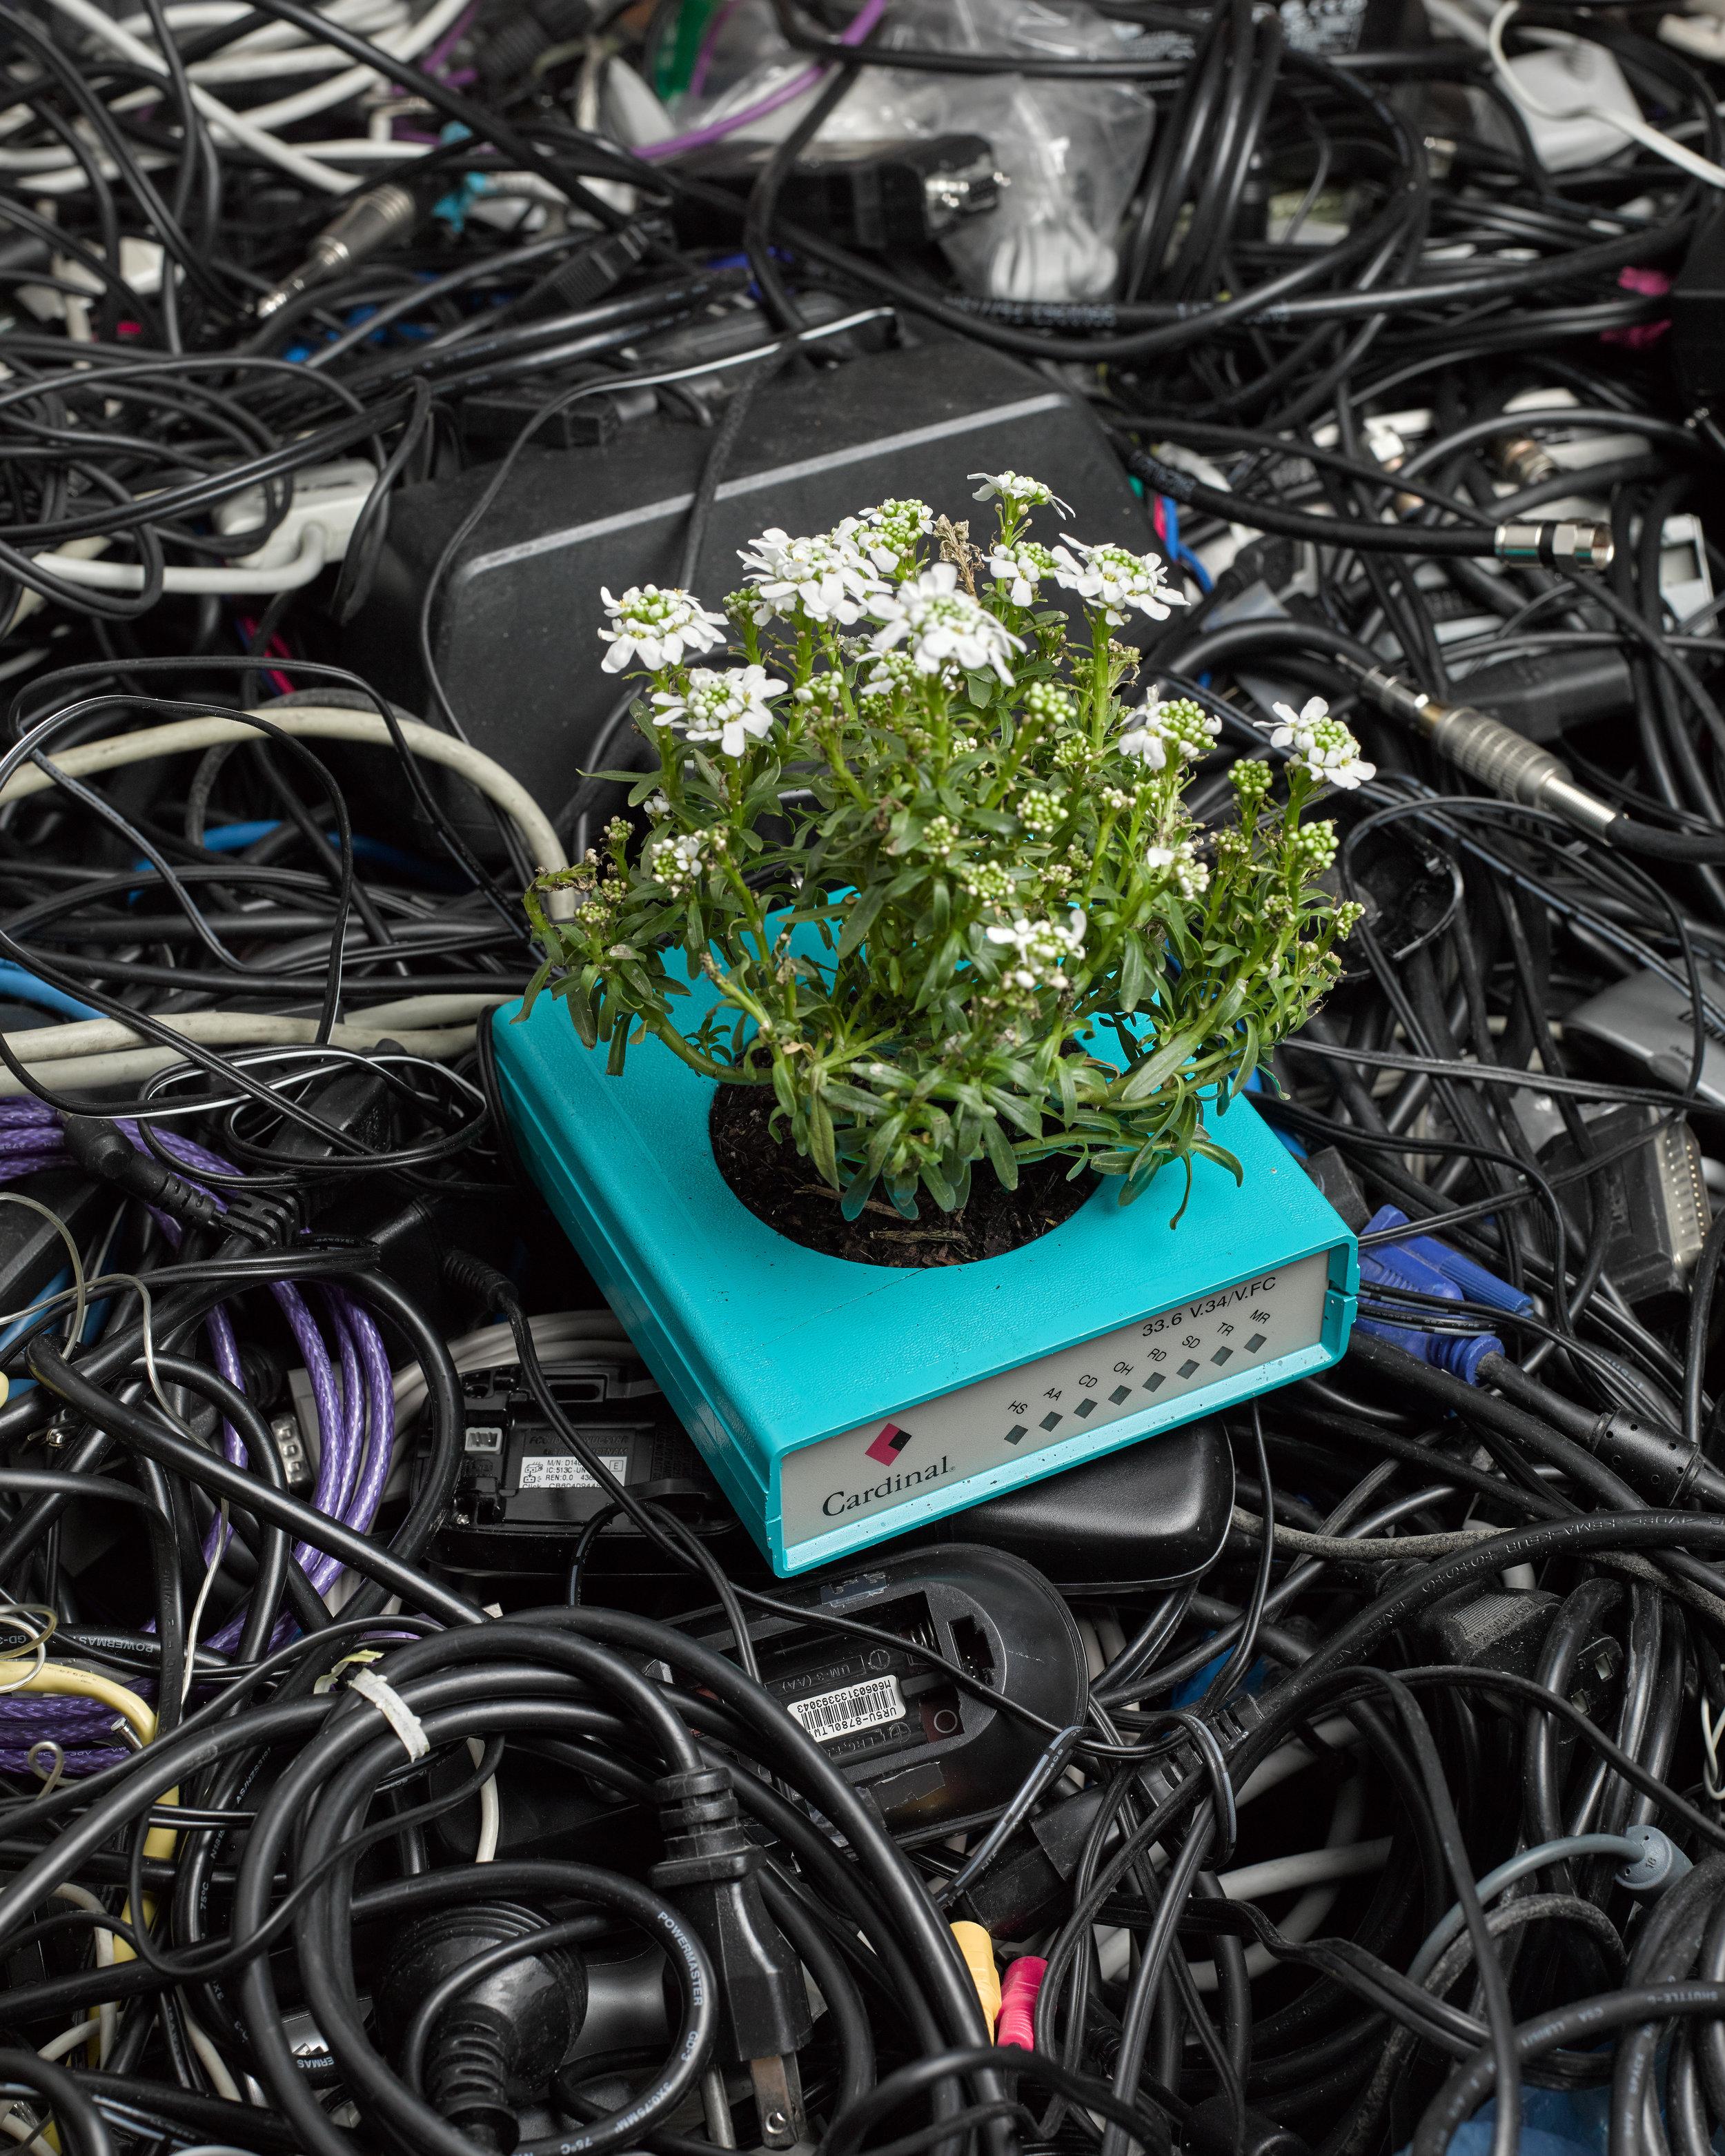 Miska_Draskoczy_E-Waste_residency_planters10.jpg